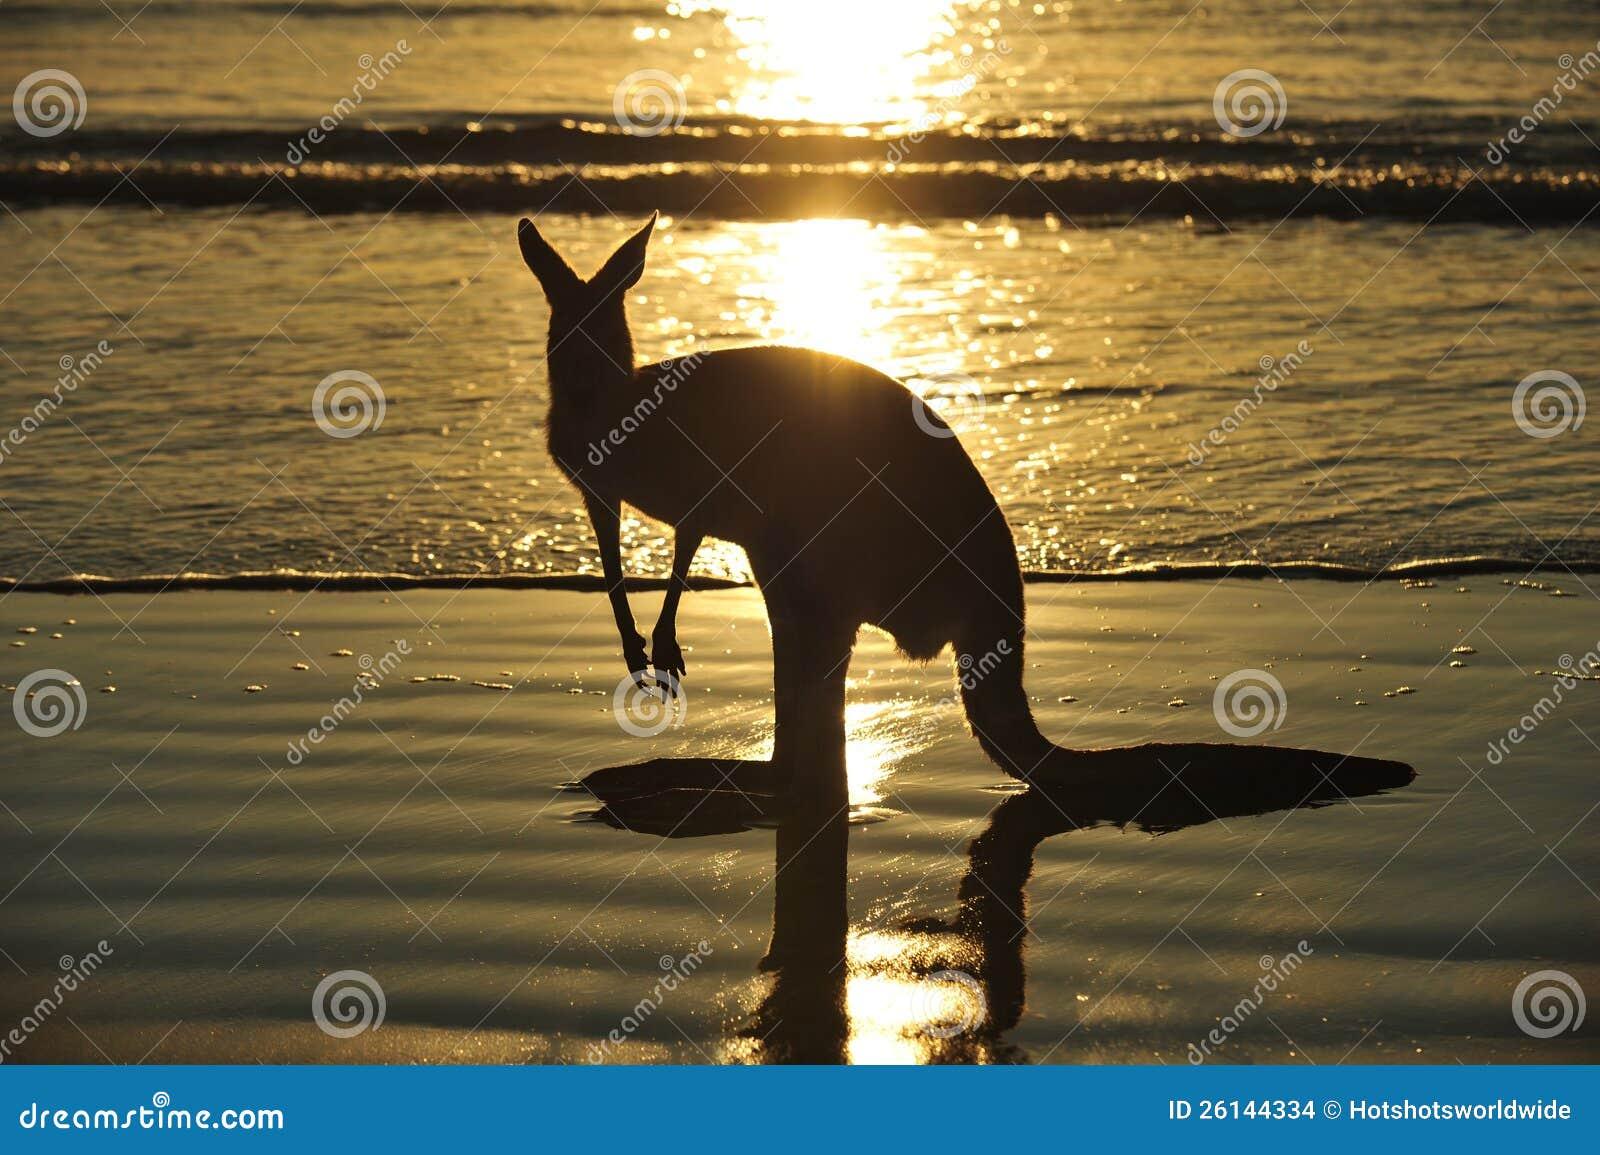 Spiaggia australiana del canguro della siluetta mackay for Disegni moderni della casa sulla spiaggia